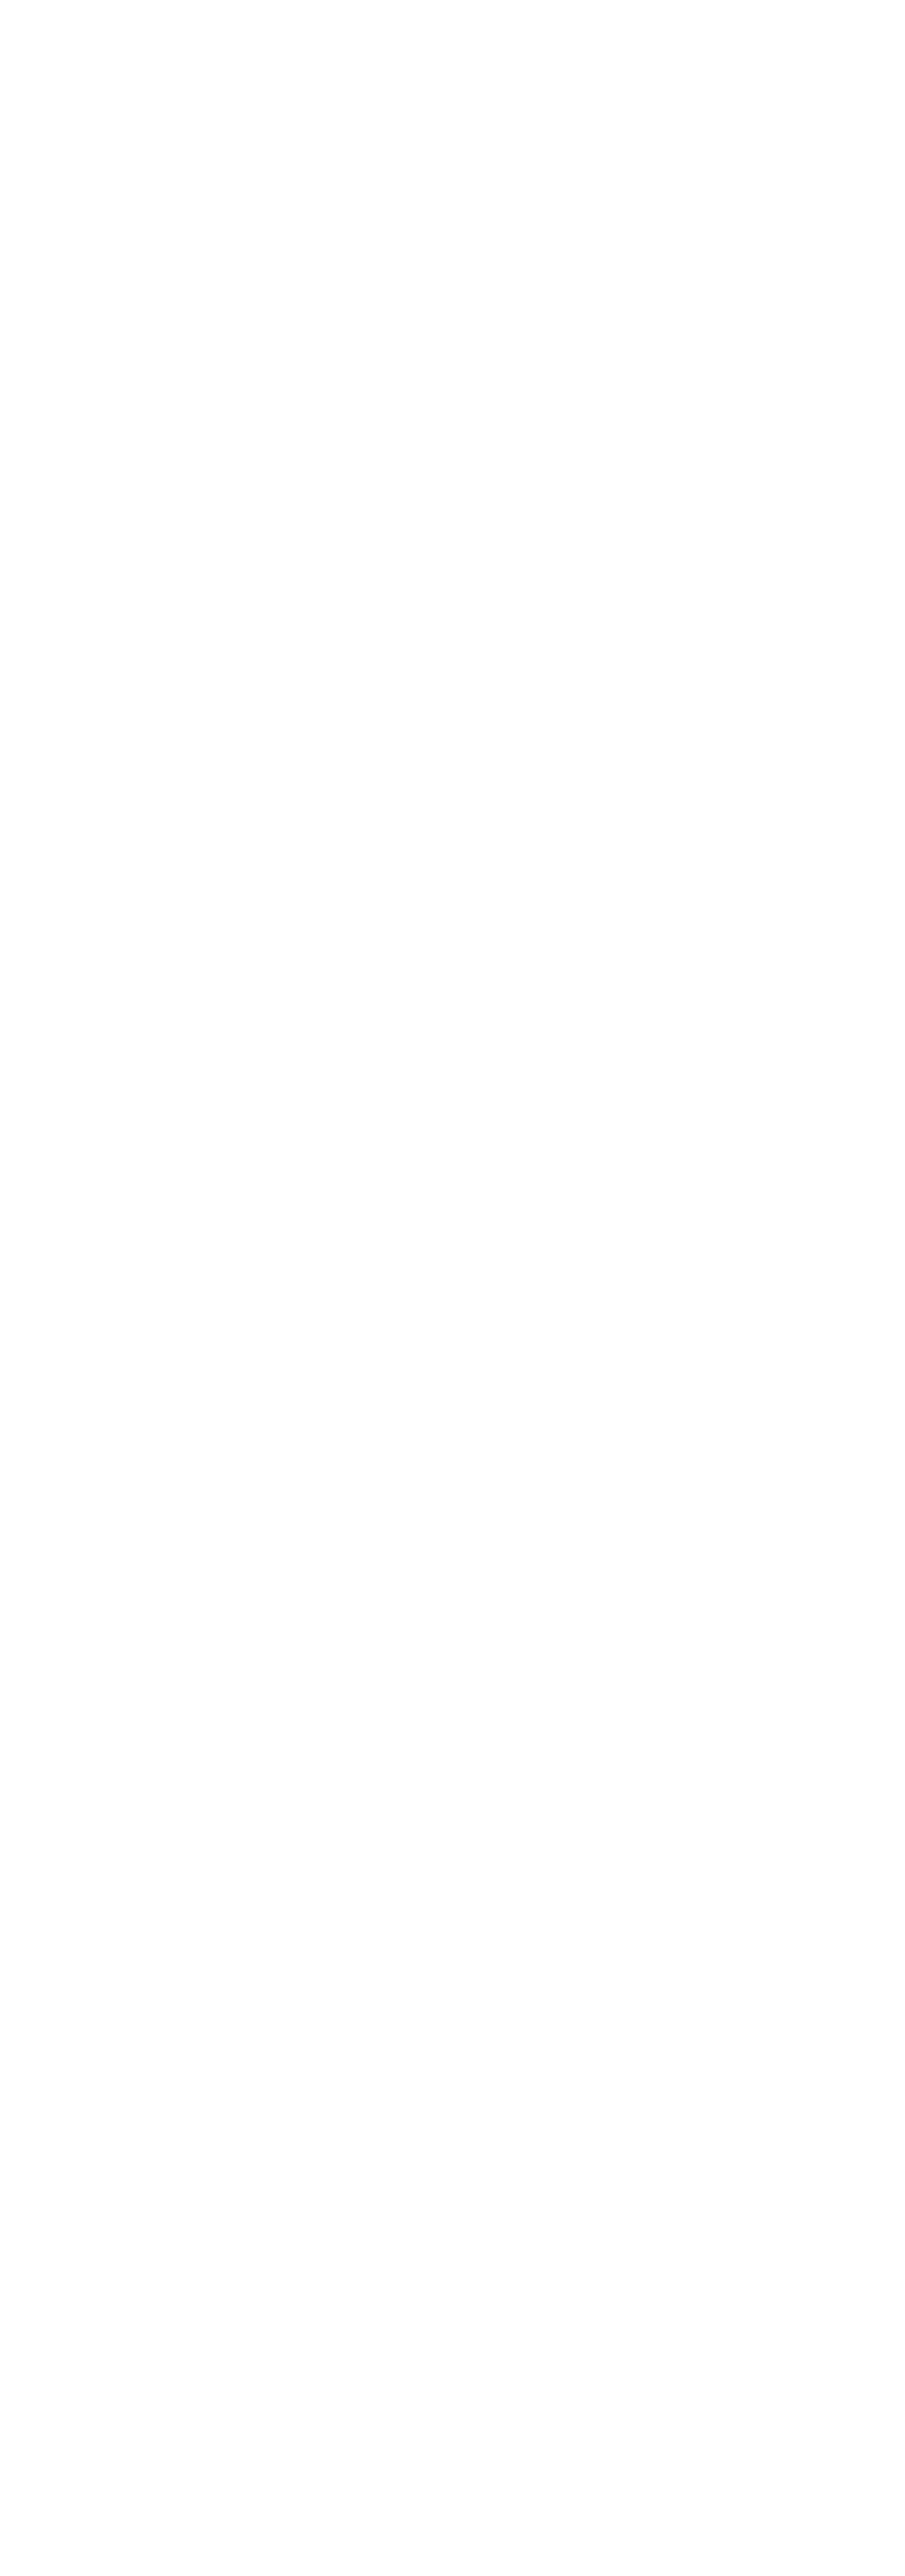 f7d0a876ce0 Индивидуальный пошив мужских сорочек и рубашек на заказ в Москве от  мастеров ателье JUST IN TIME!